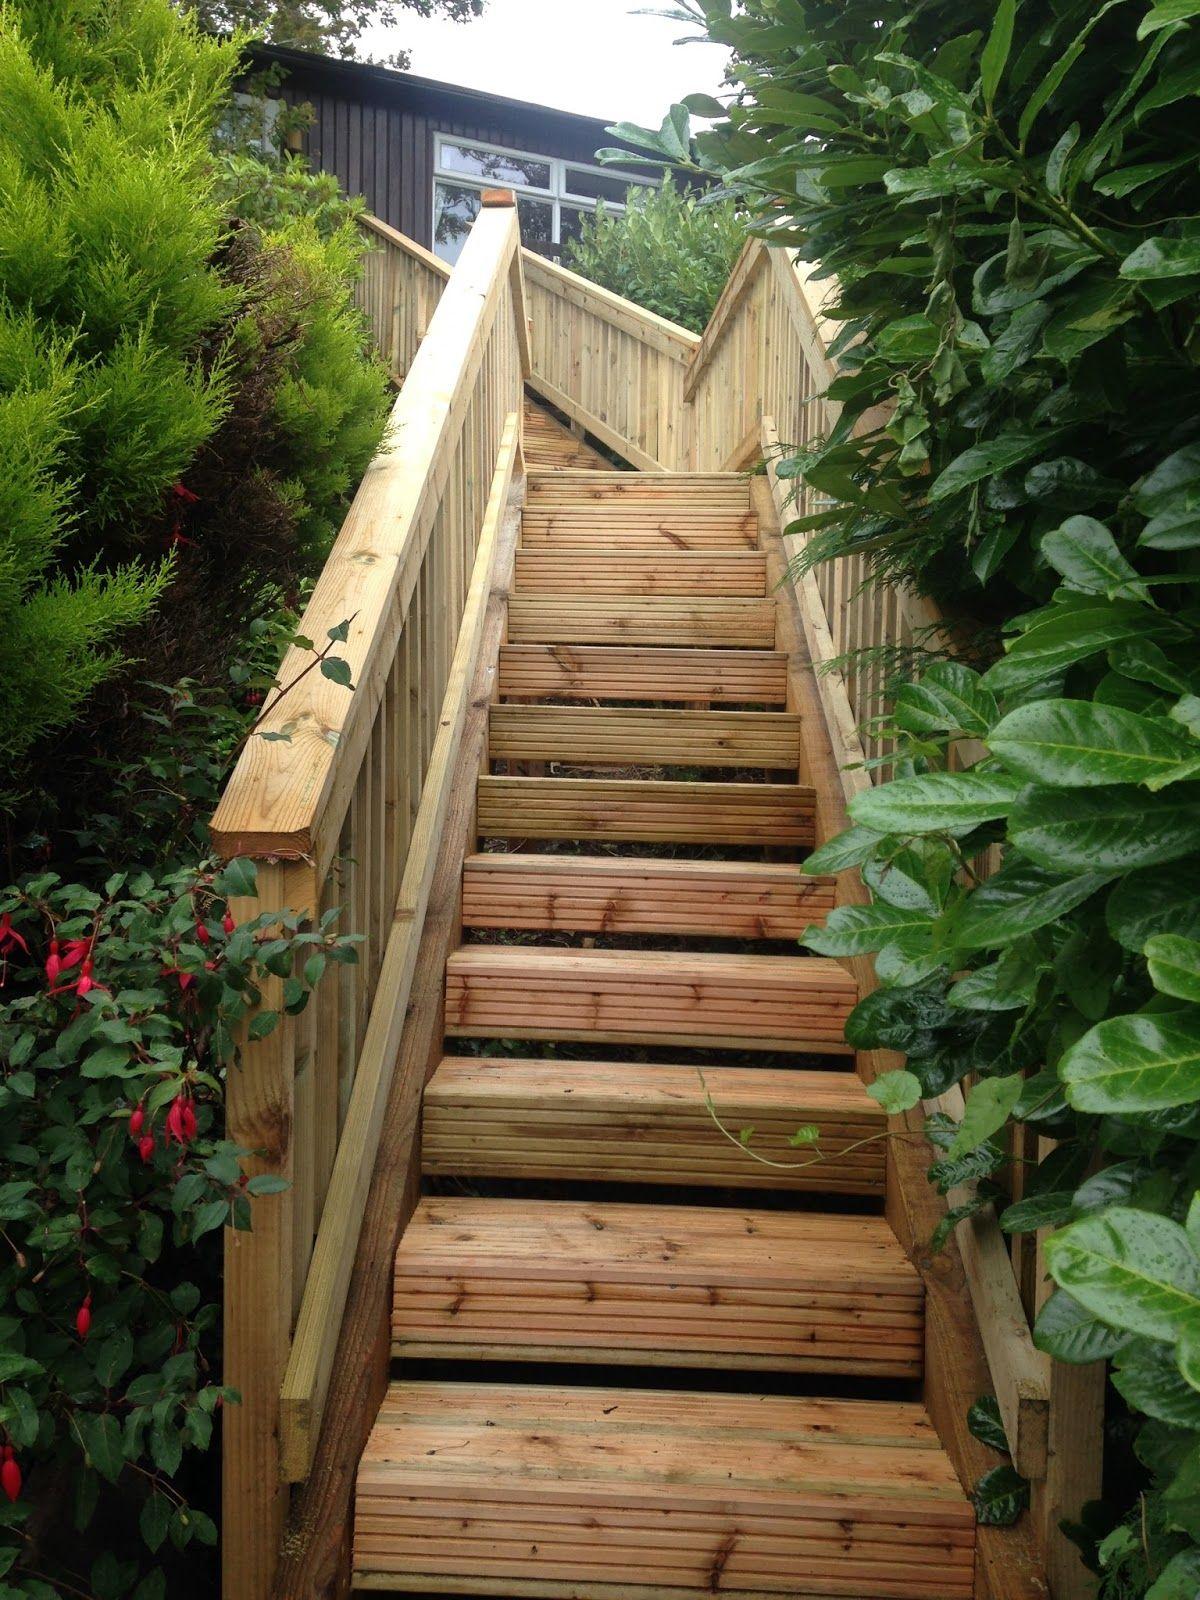 садовые лестницы на дачном участке фото днях почте заприметила